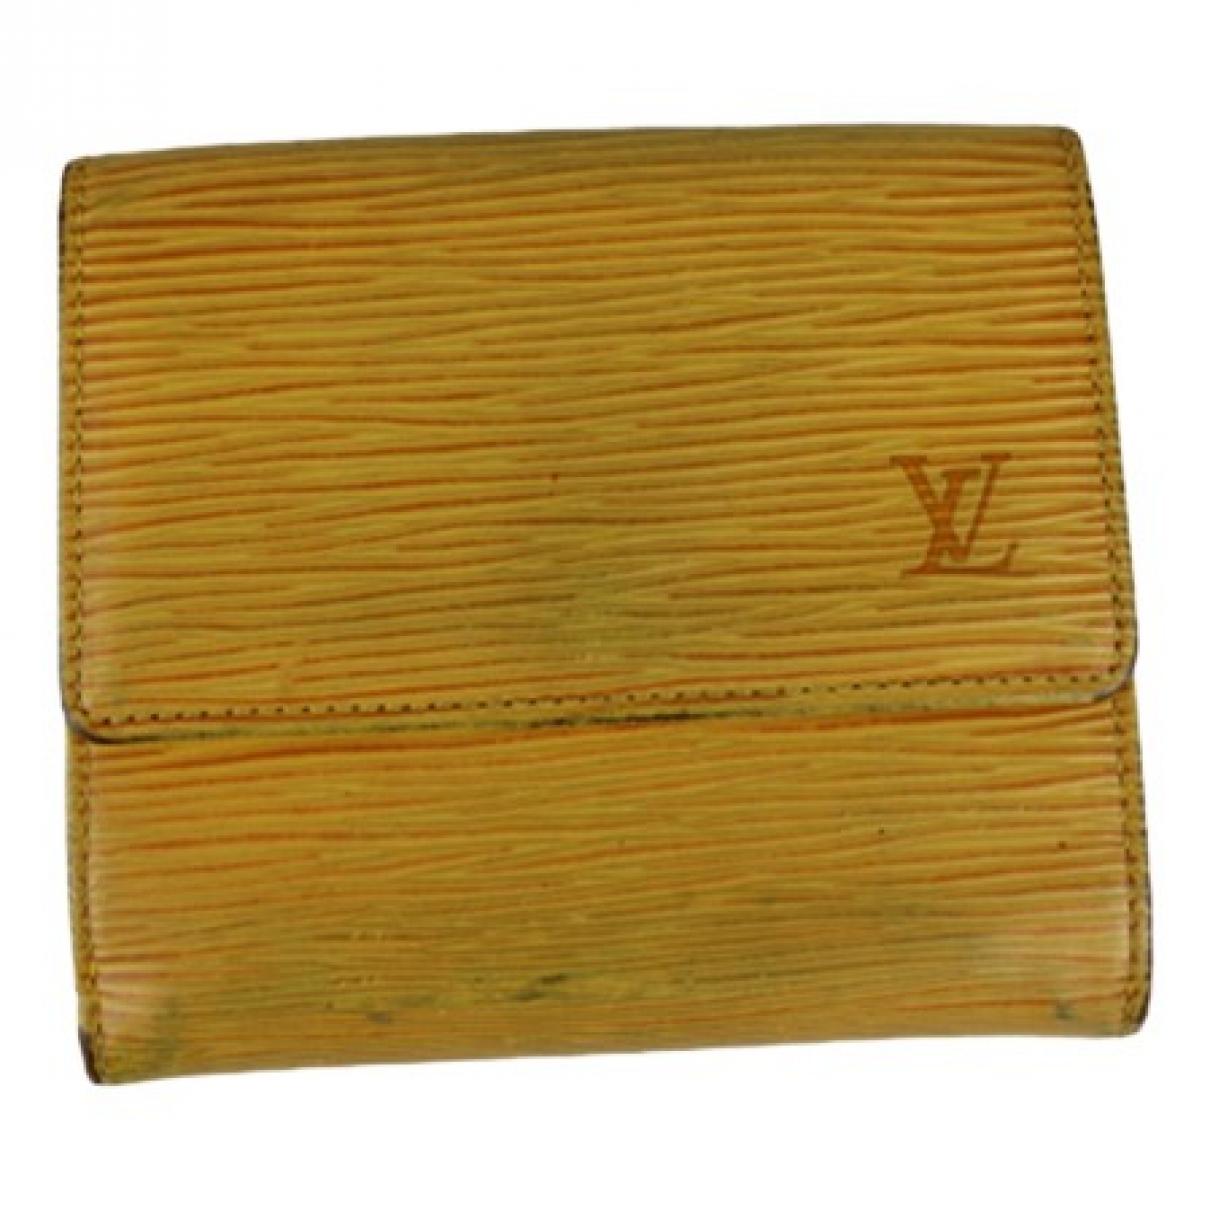 Louis Vuitton - Petite maroquinerie   pour femme en cuir - jaune